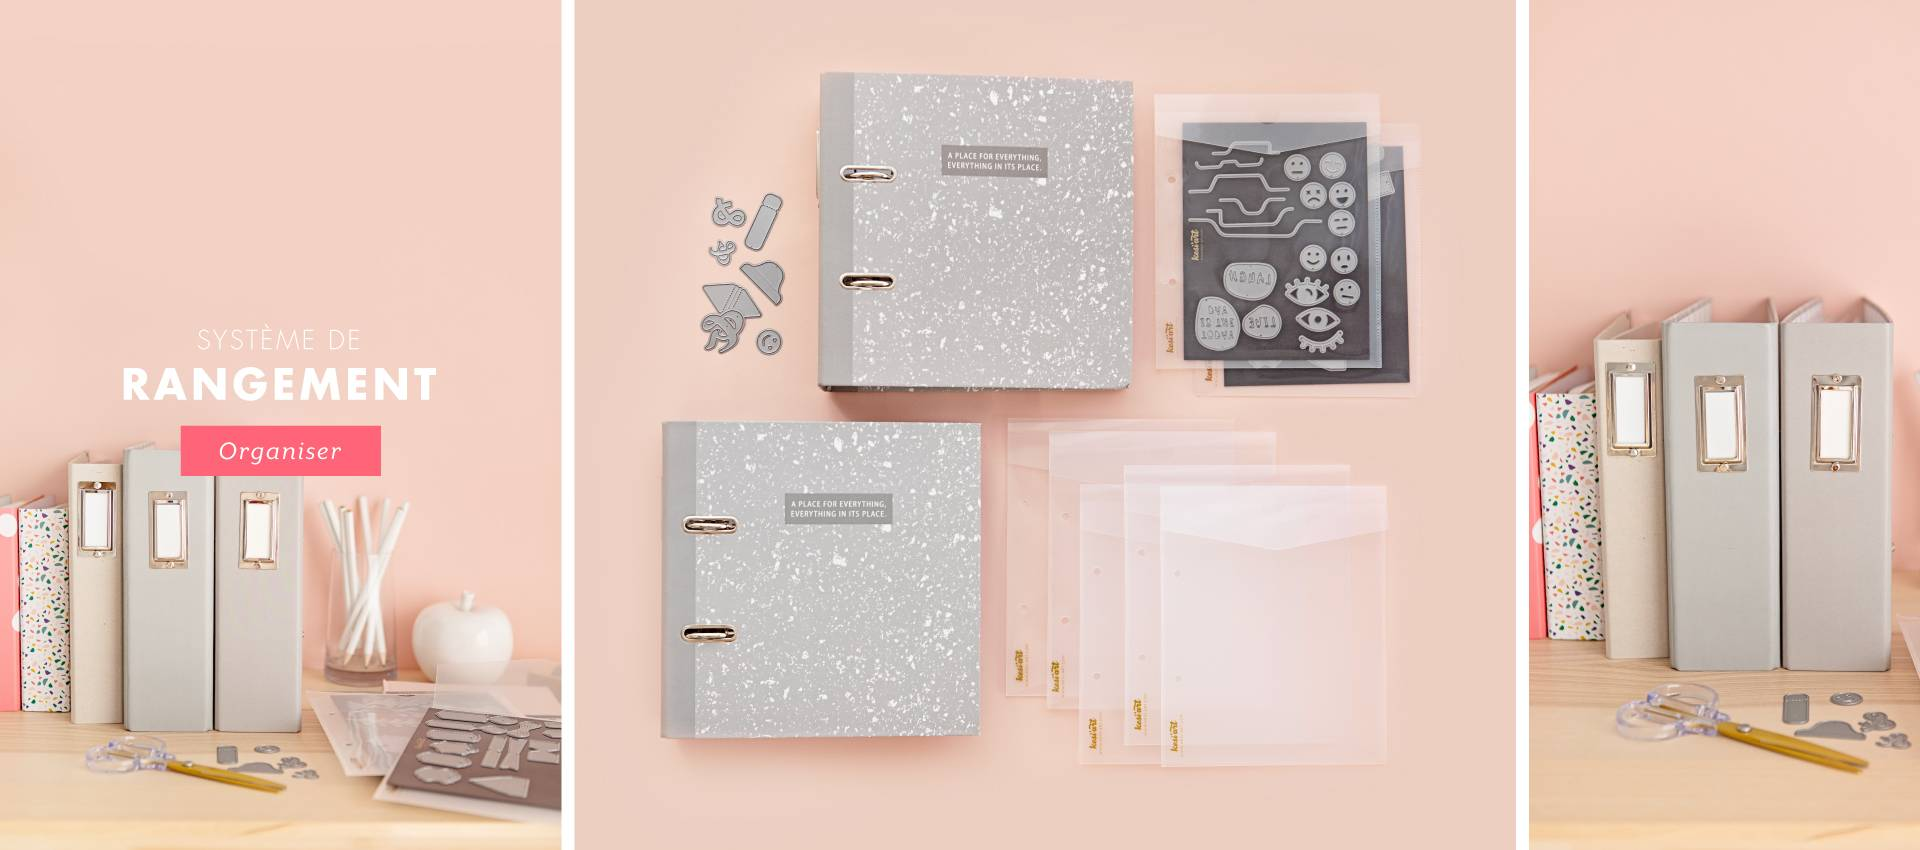 SYSTÈME DE RANGEMENT Kesi'Art pour tampons, matrices de découpe, stickers, étiquettes...